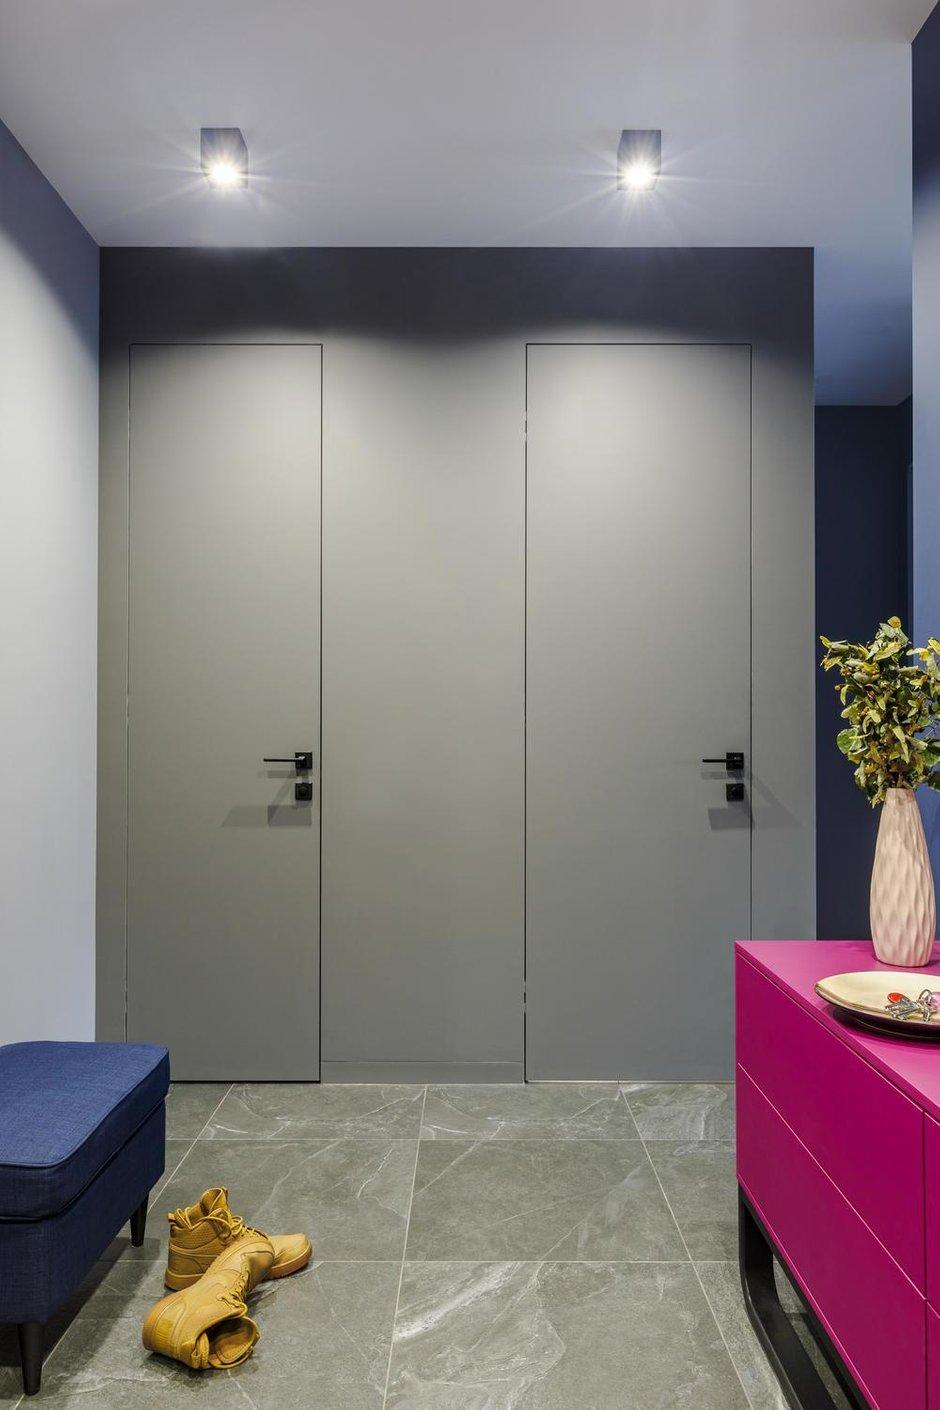 Фотография: Прихожая в стиле Современный, Квартира, Проект недели, Санкт-Петербург, 2 комнаты, 60-90 метров, Balka.Studio – фото на INMYROOM